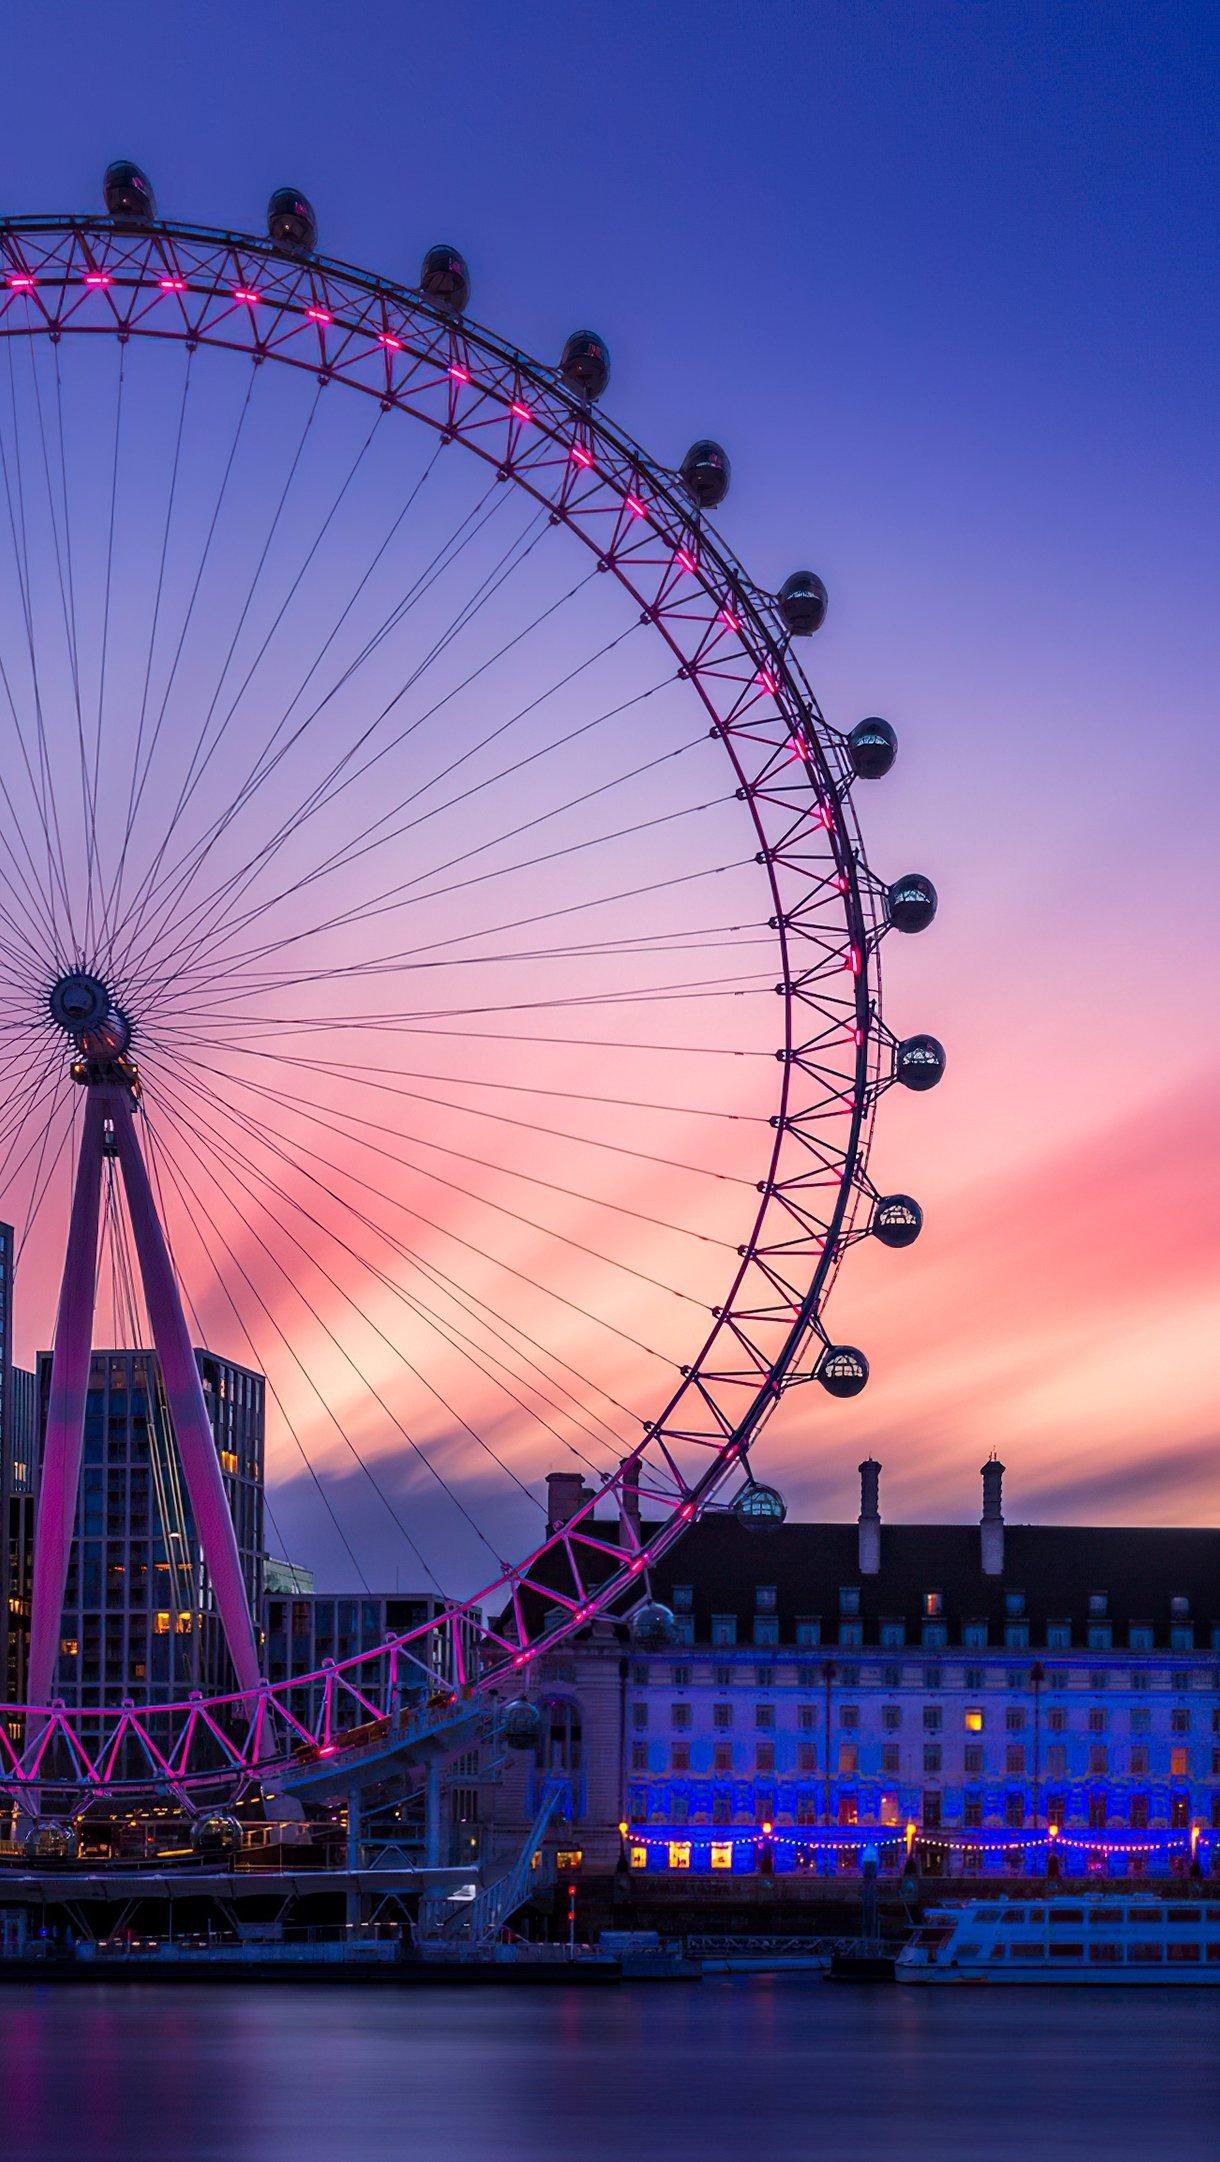 Fondos de pantalla Amanecer en el London Eye Vertical